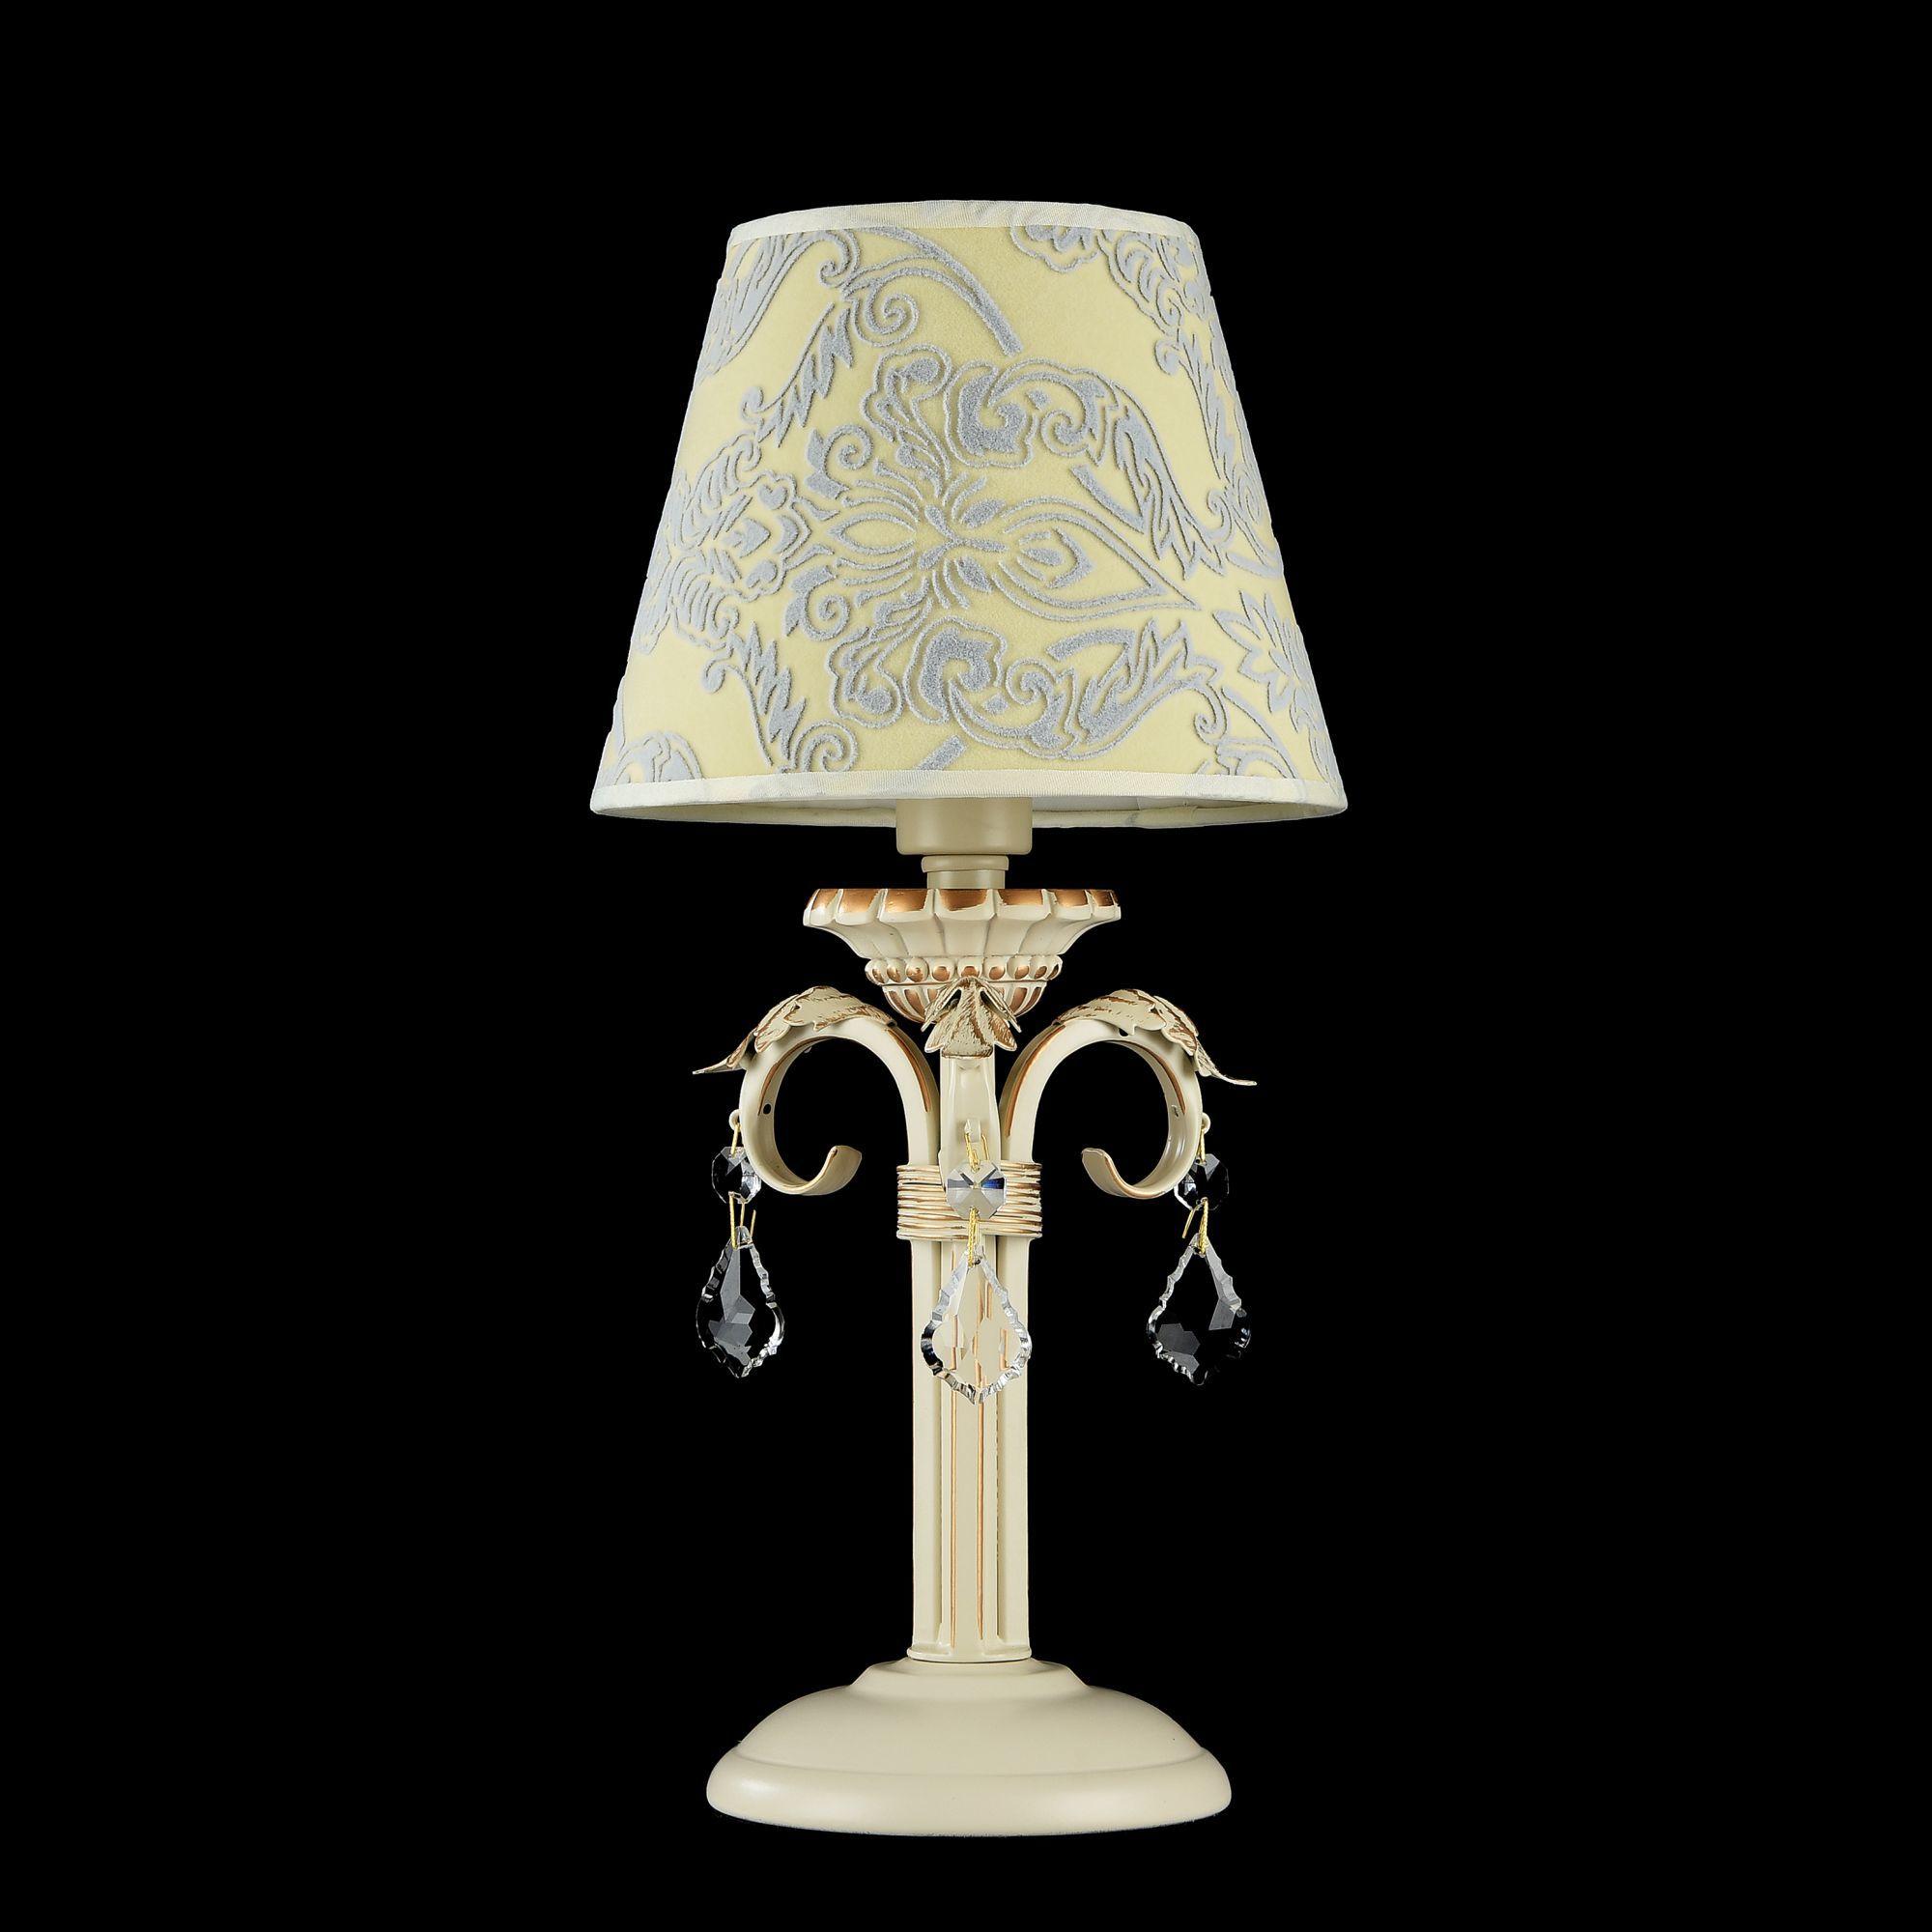 Настольная лампа Maytoni Velvet ARM219-00-G, 1xE14x40W, белый, матовое золото, бежевый, прозрачный, металл, текстиль, стекло - фото 2